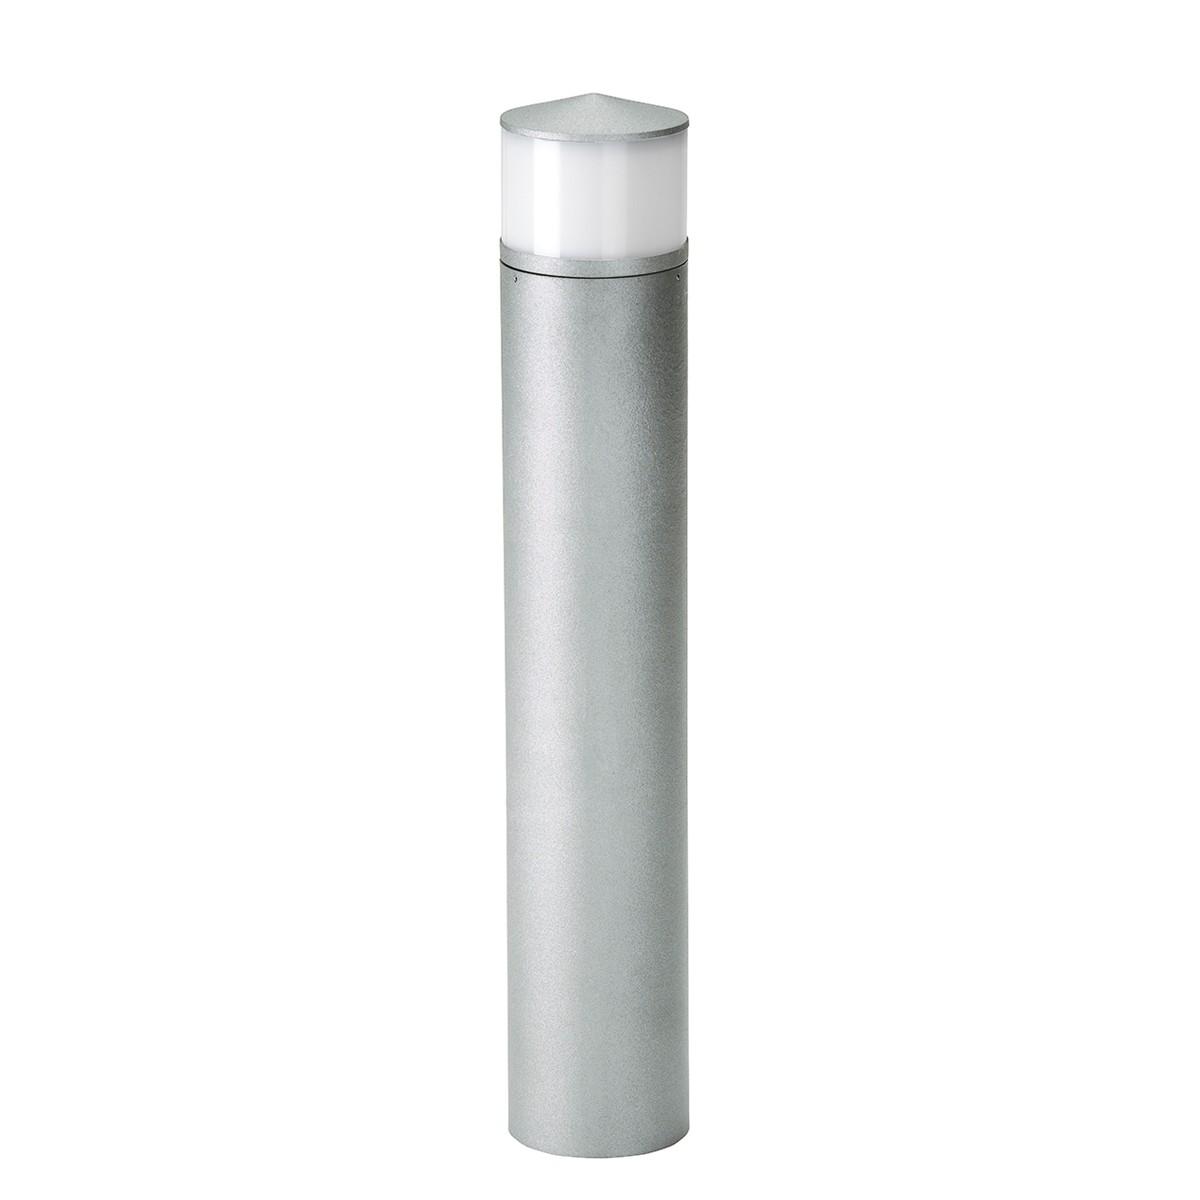 Albert 2240 LED Pollerleuchte, Silber